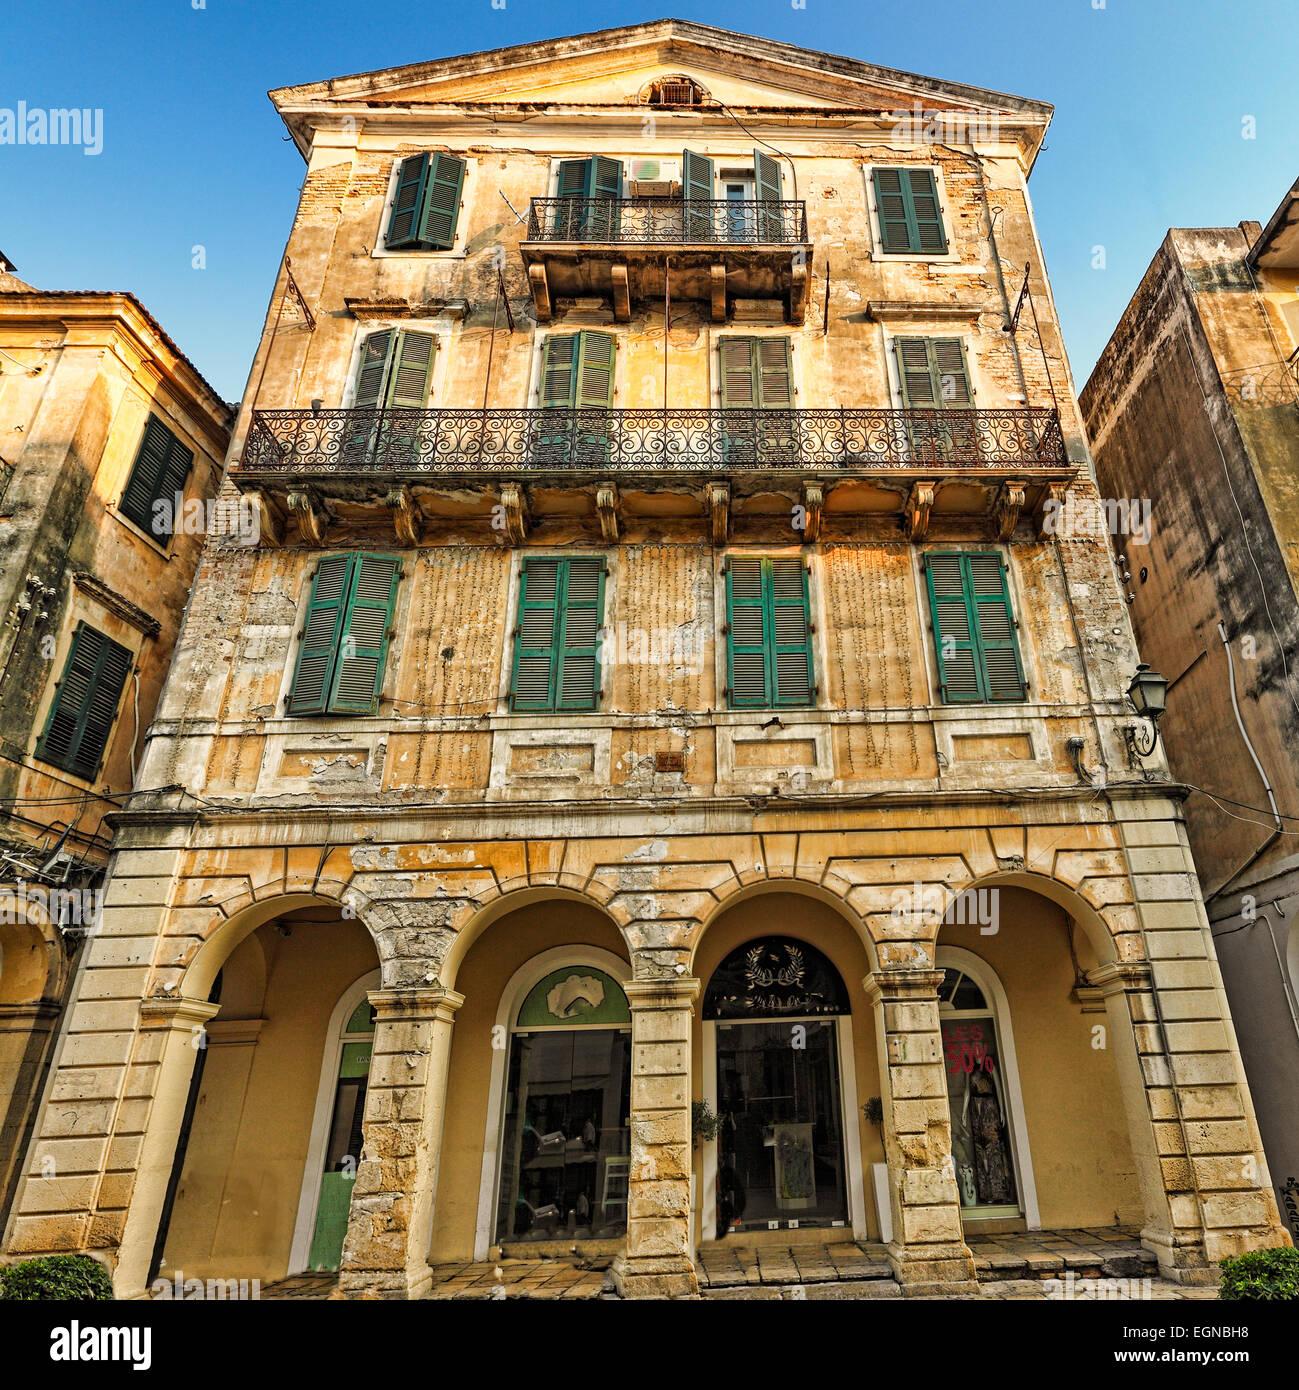 Ein Gebäude in der Altstadt von Korfu, Griechenland Stockbild